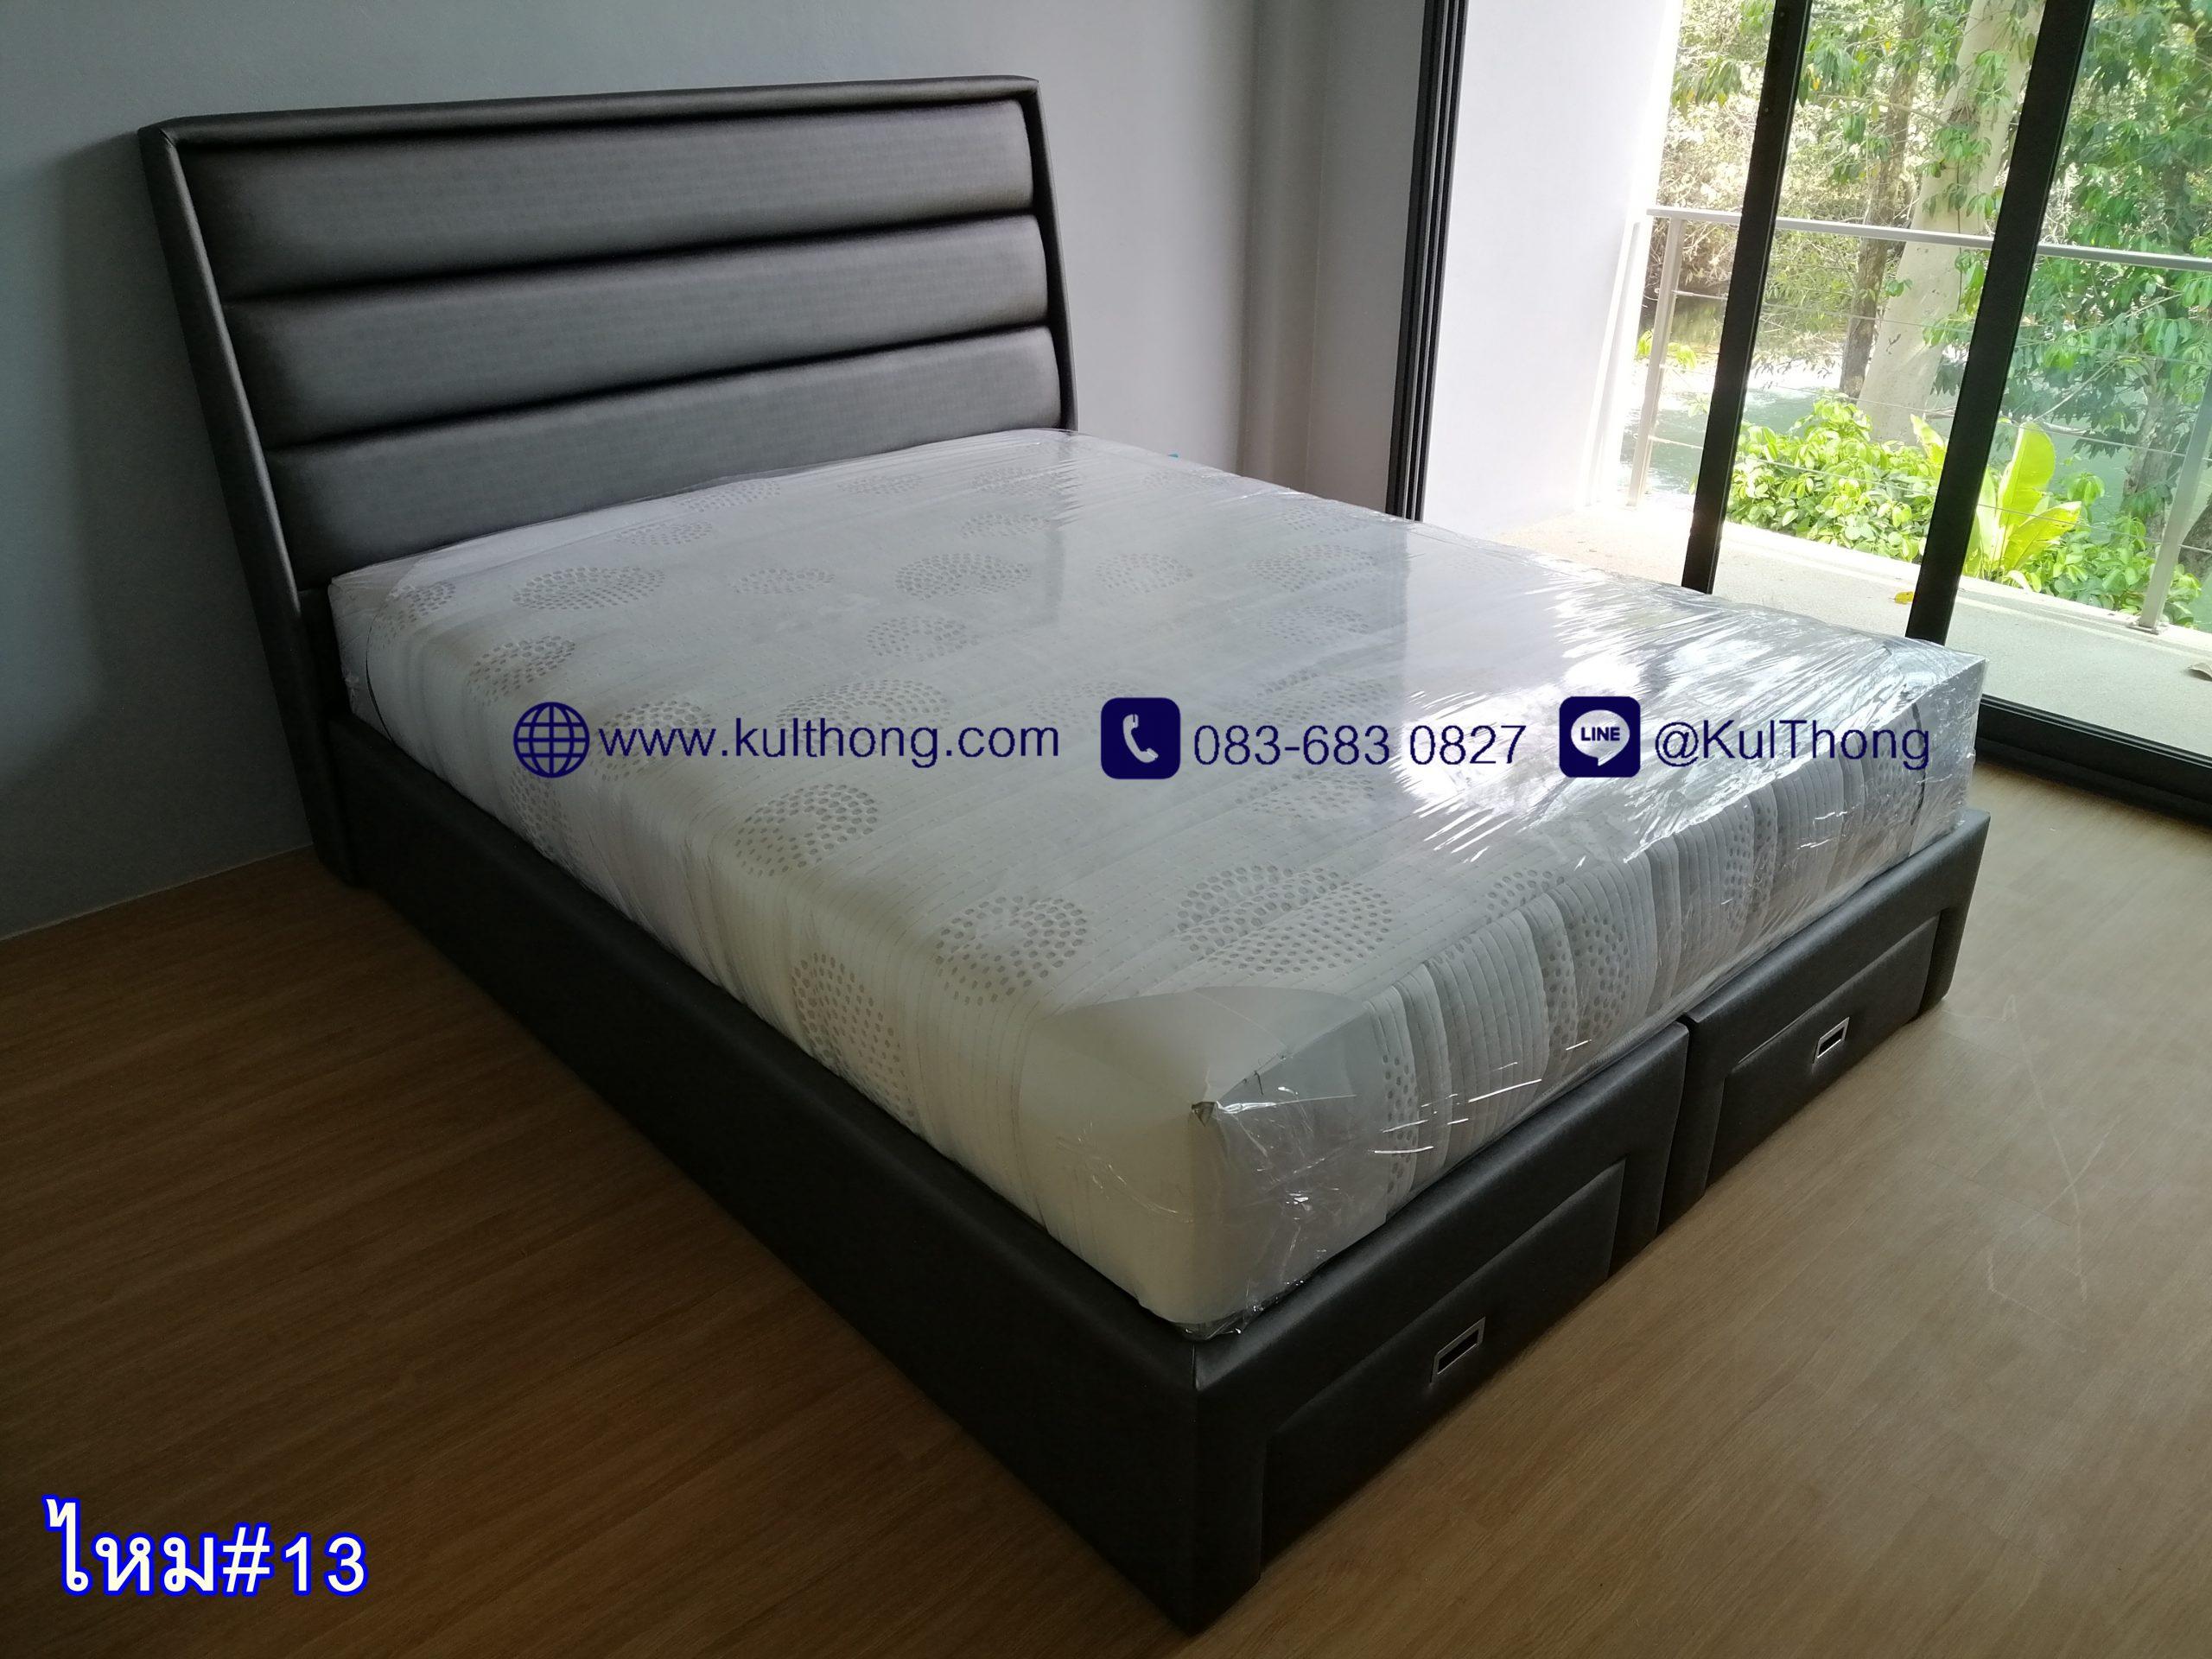 ฐานรองที่นอน เตียงหุ้มหนัง เตียงมีลิ้นชัก เตียงมีช่องเก็บของ เตียงเอนกประสงค์